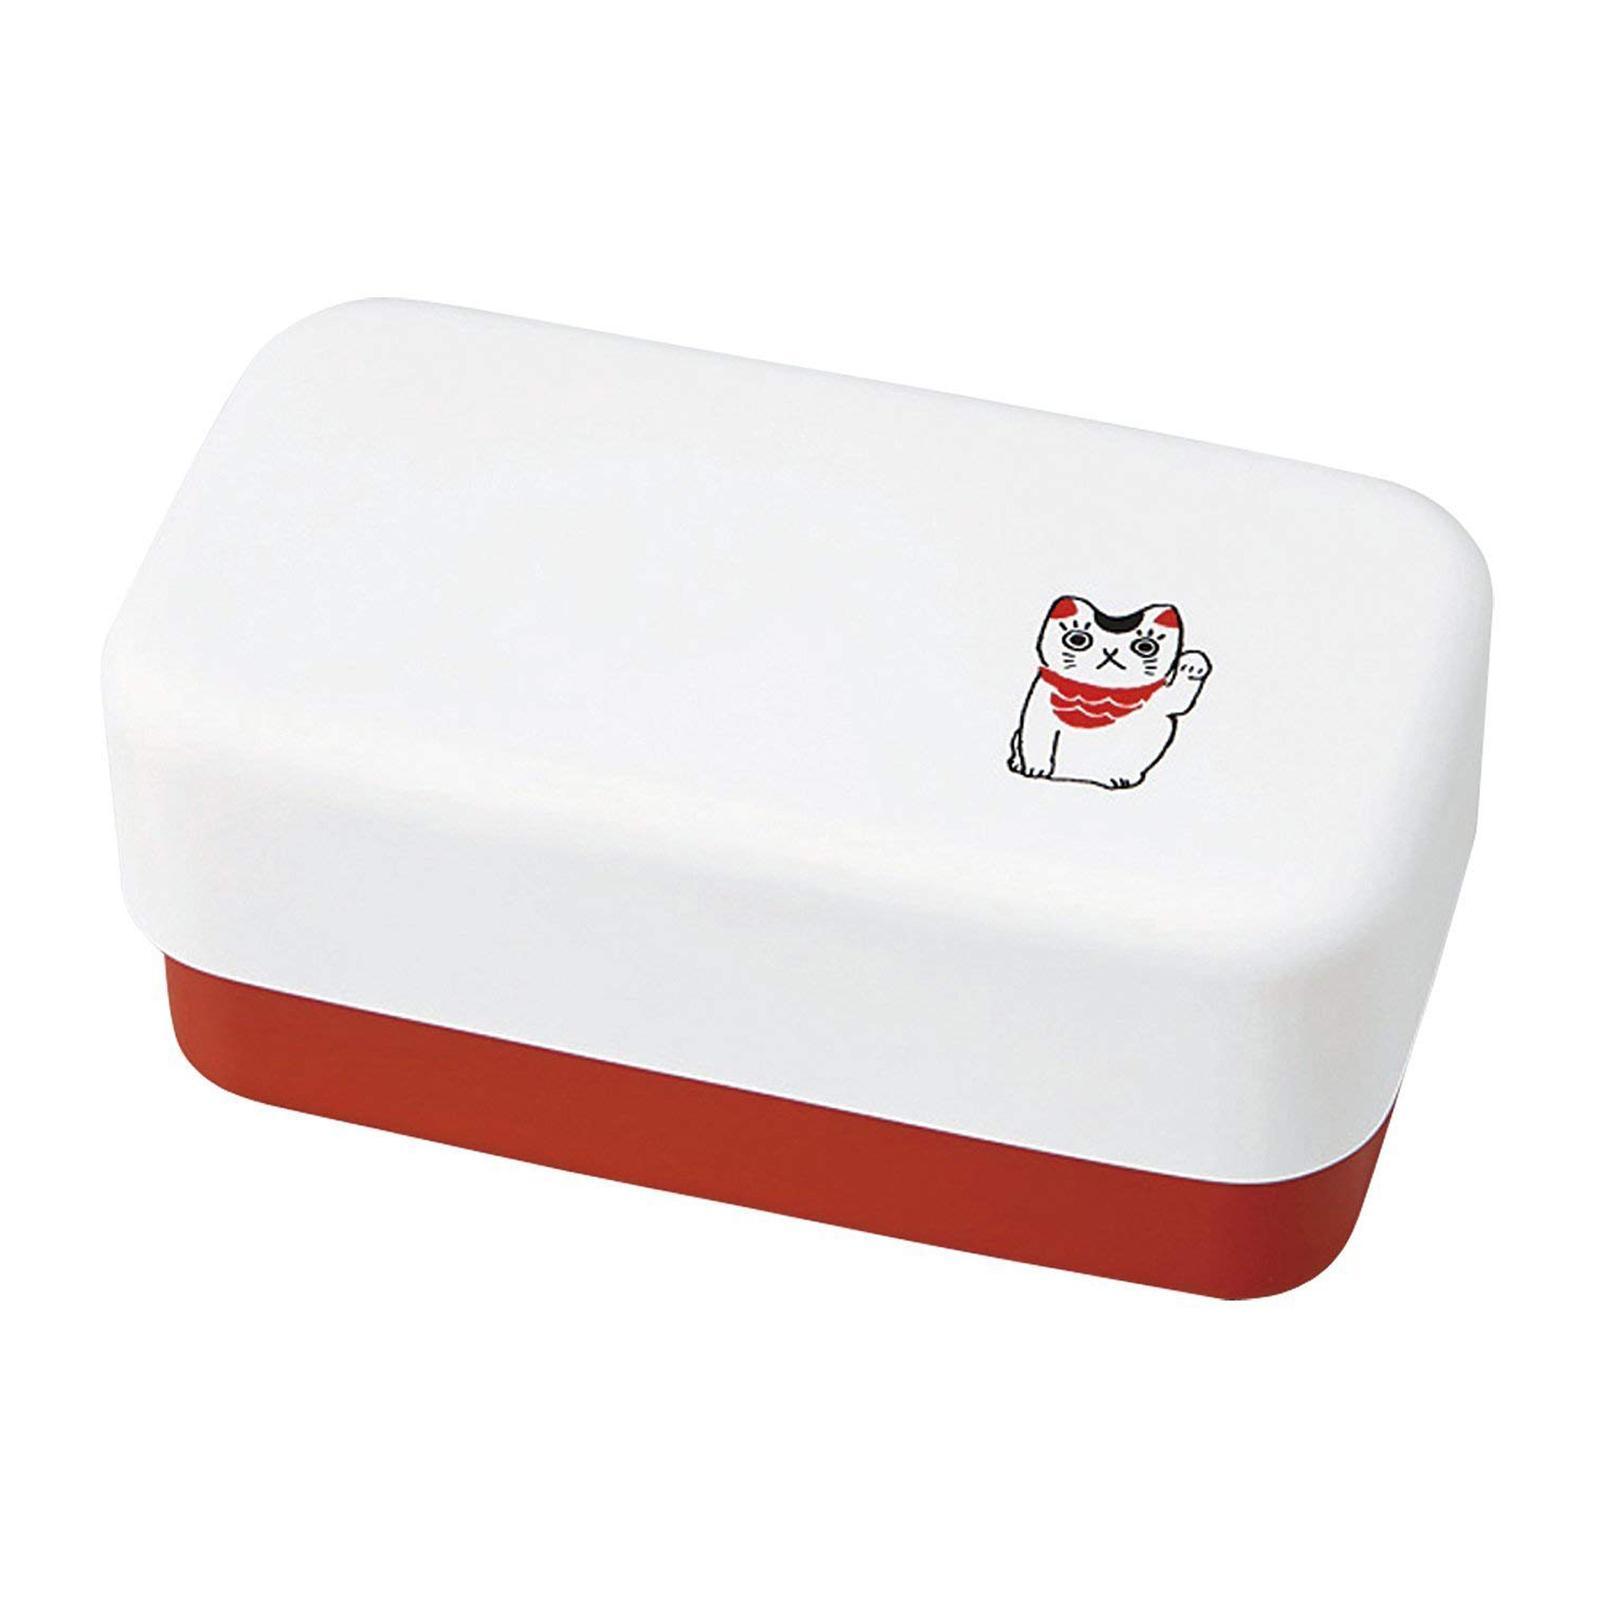 TAKENAKA Fortune Cat Bento Lunch Box